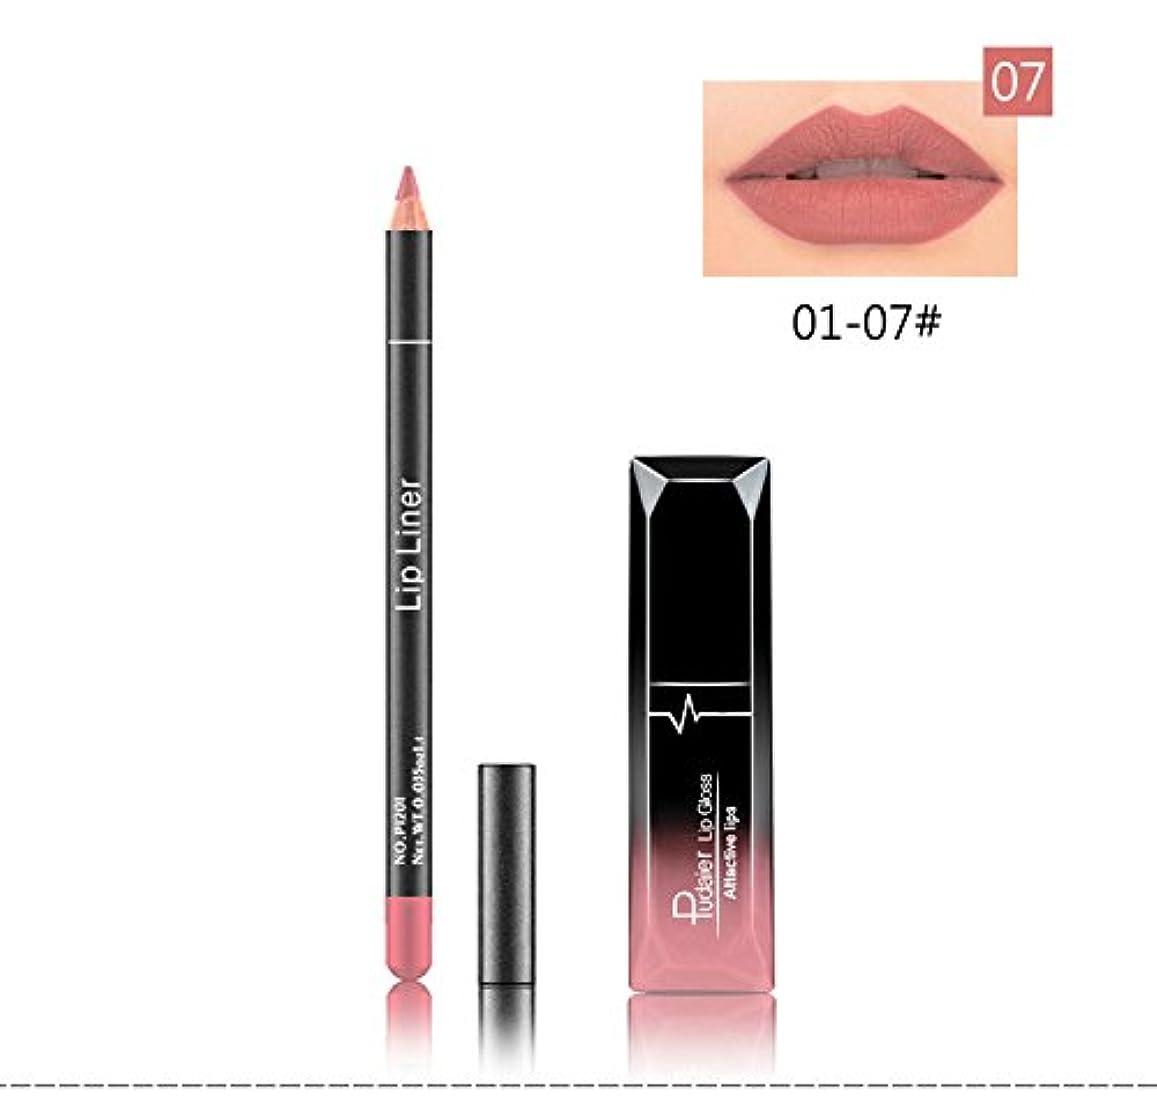 本を読む説得力のあるそれにもかかわらず(07) Pudaier 1pc Matte Liquid Lipstick Cosmetic Lip Kit+ 1 Pc Nude Lip Liner Pencil MakeUp Set Waterproof Long...